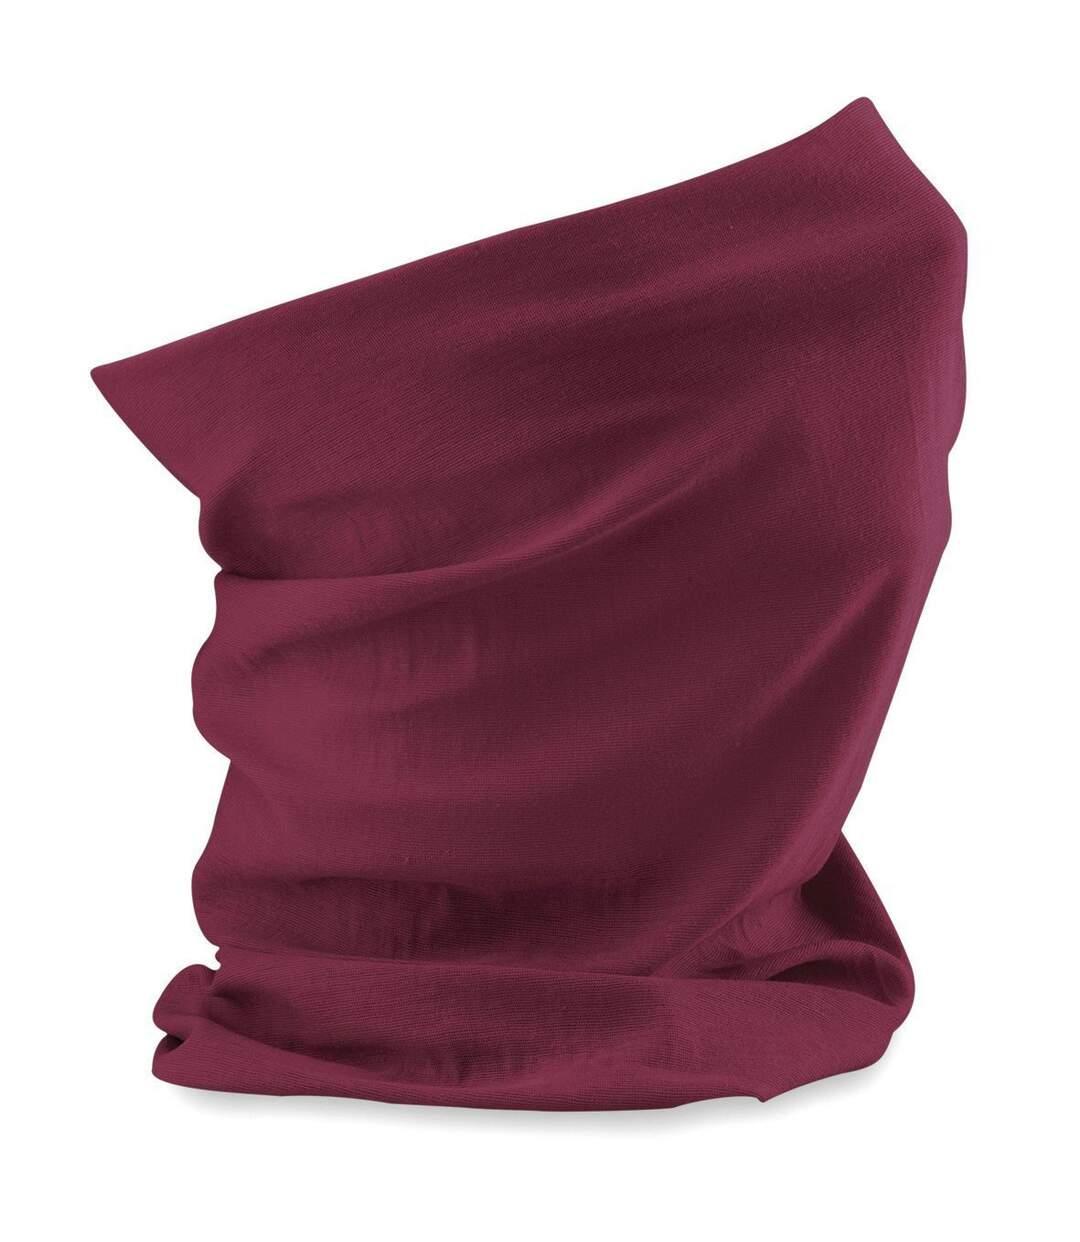 Echarpe tubulaire - tour de cou adulte - B900 - rouge bordeau